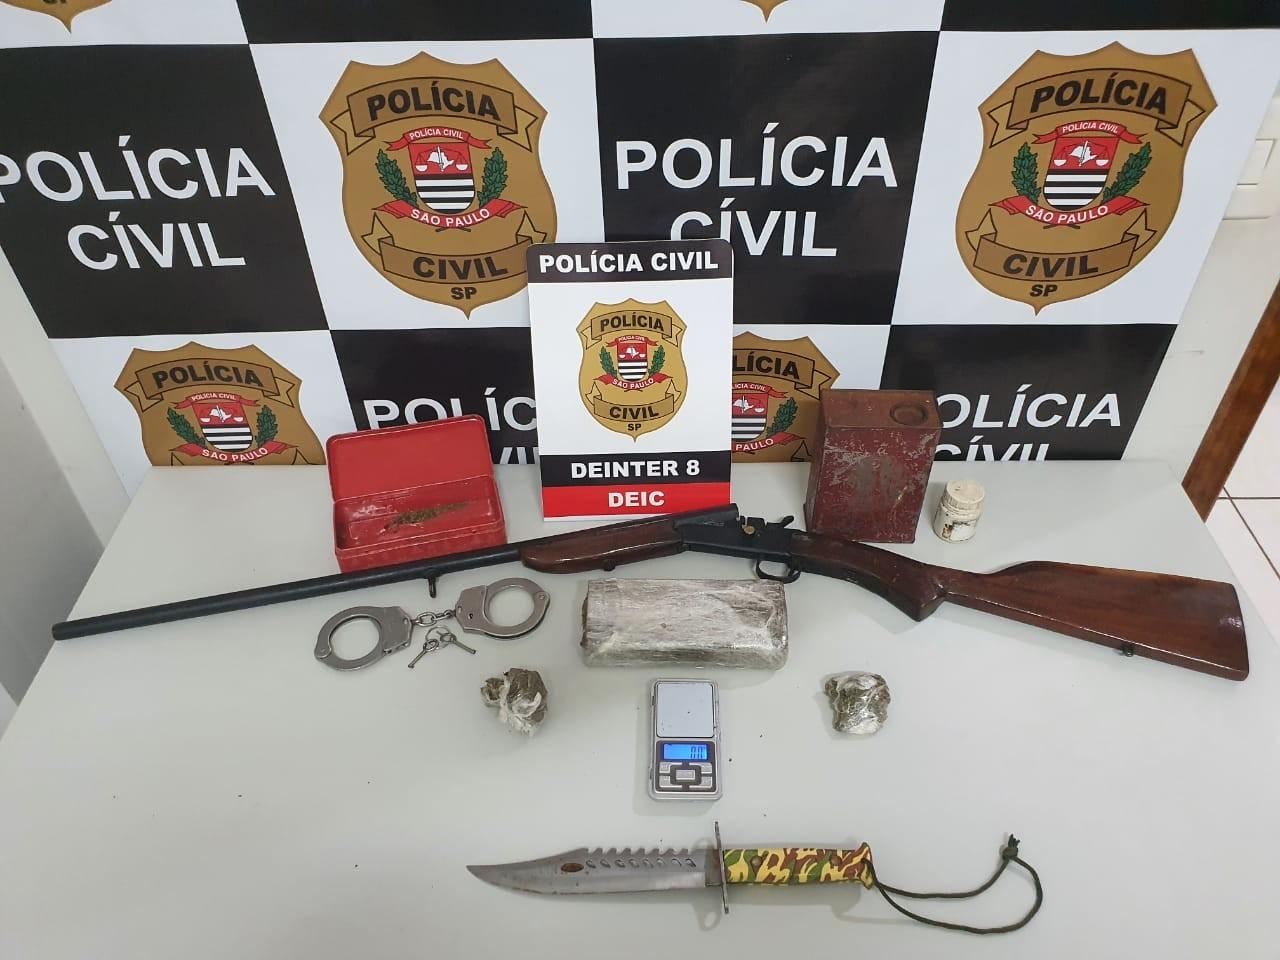 Homem é preso por tráfico de drogas a caminho de uma entrega de maconha em Presidente Prudente